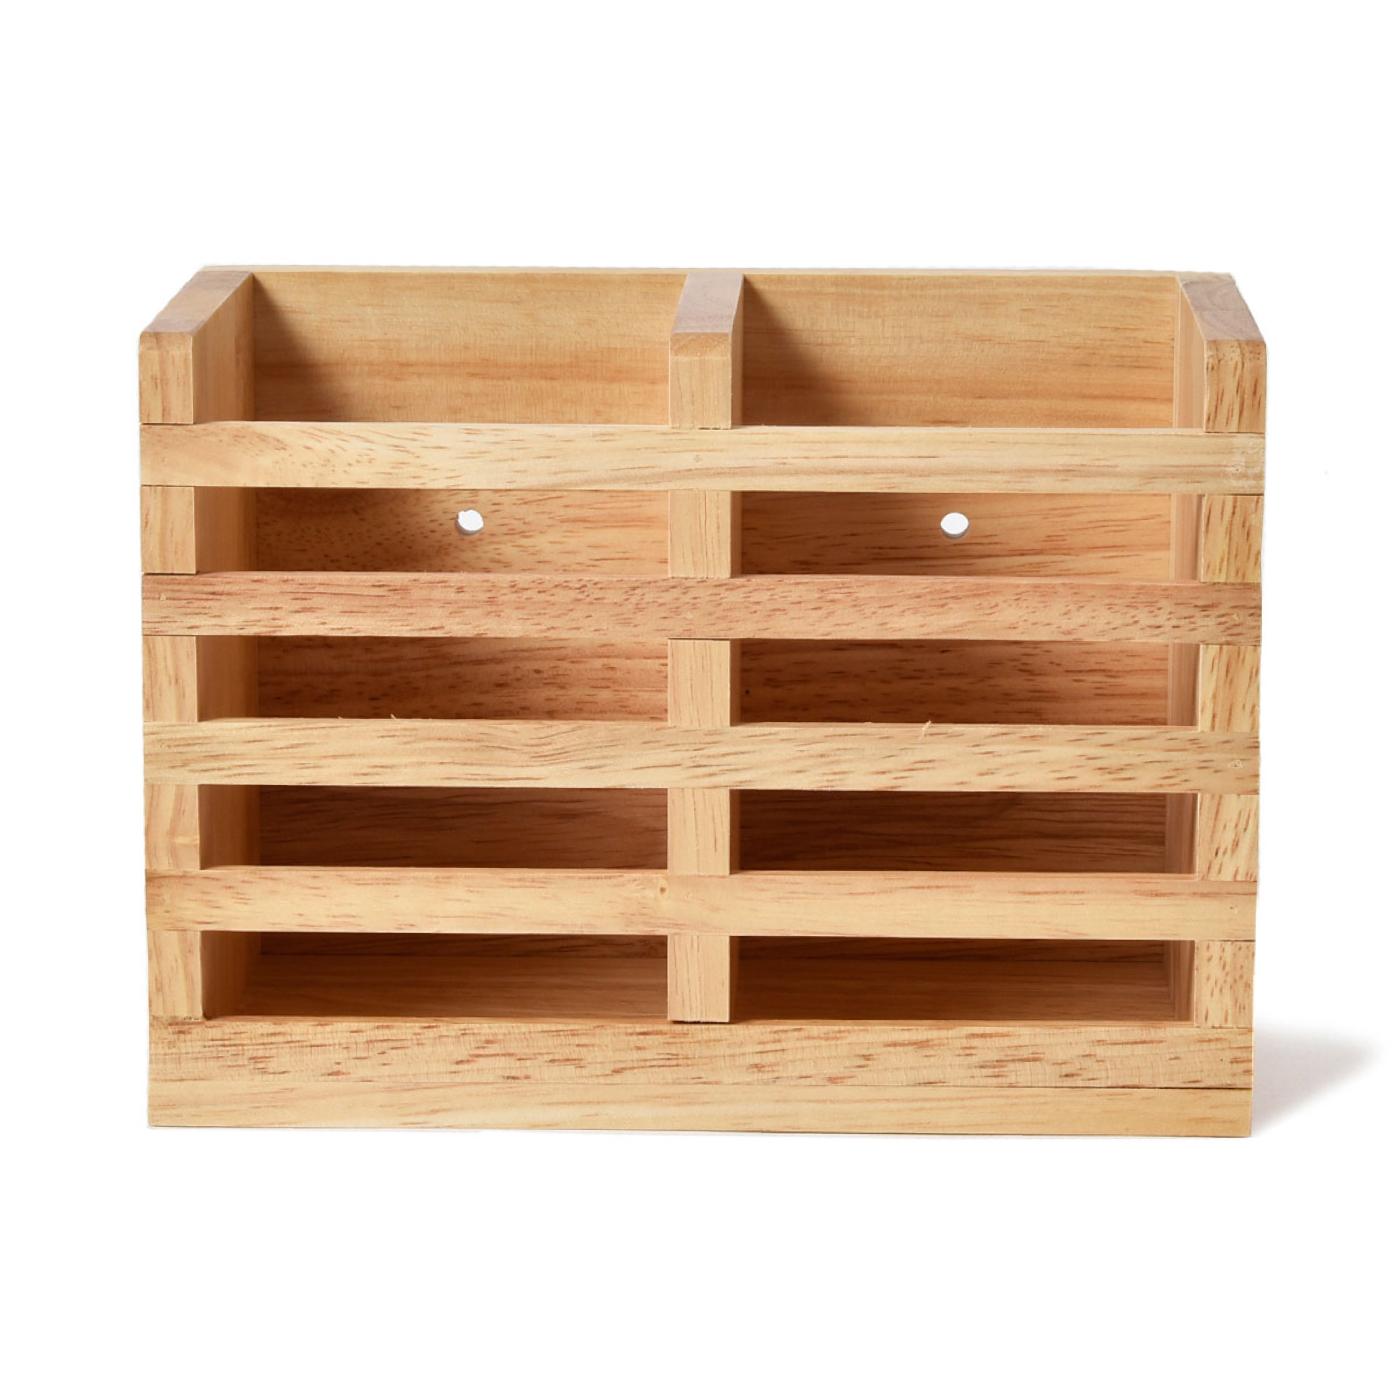 キッチンをおしゃれに演出!木製カトラリースタンド <ボヌール>